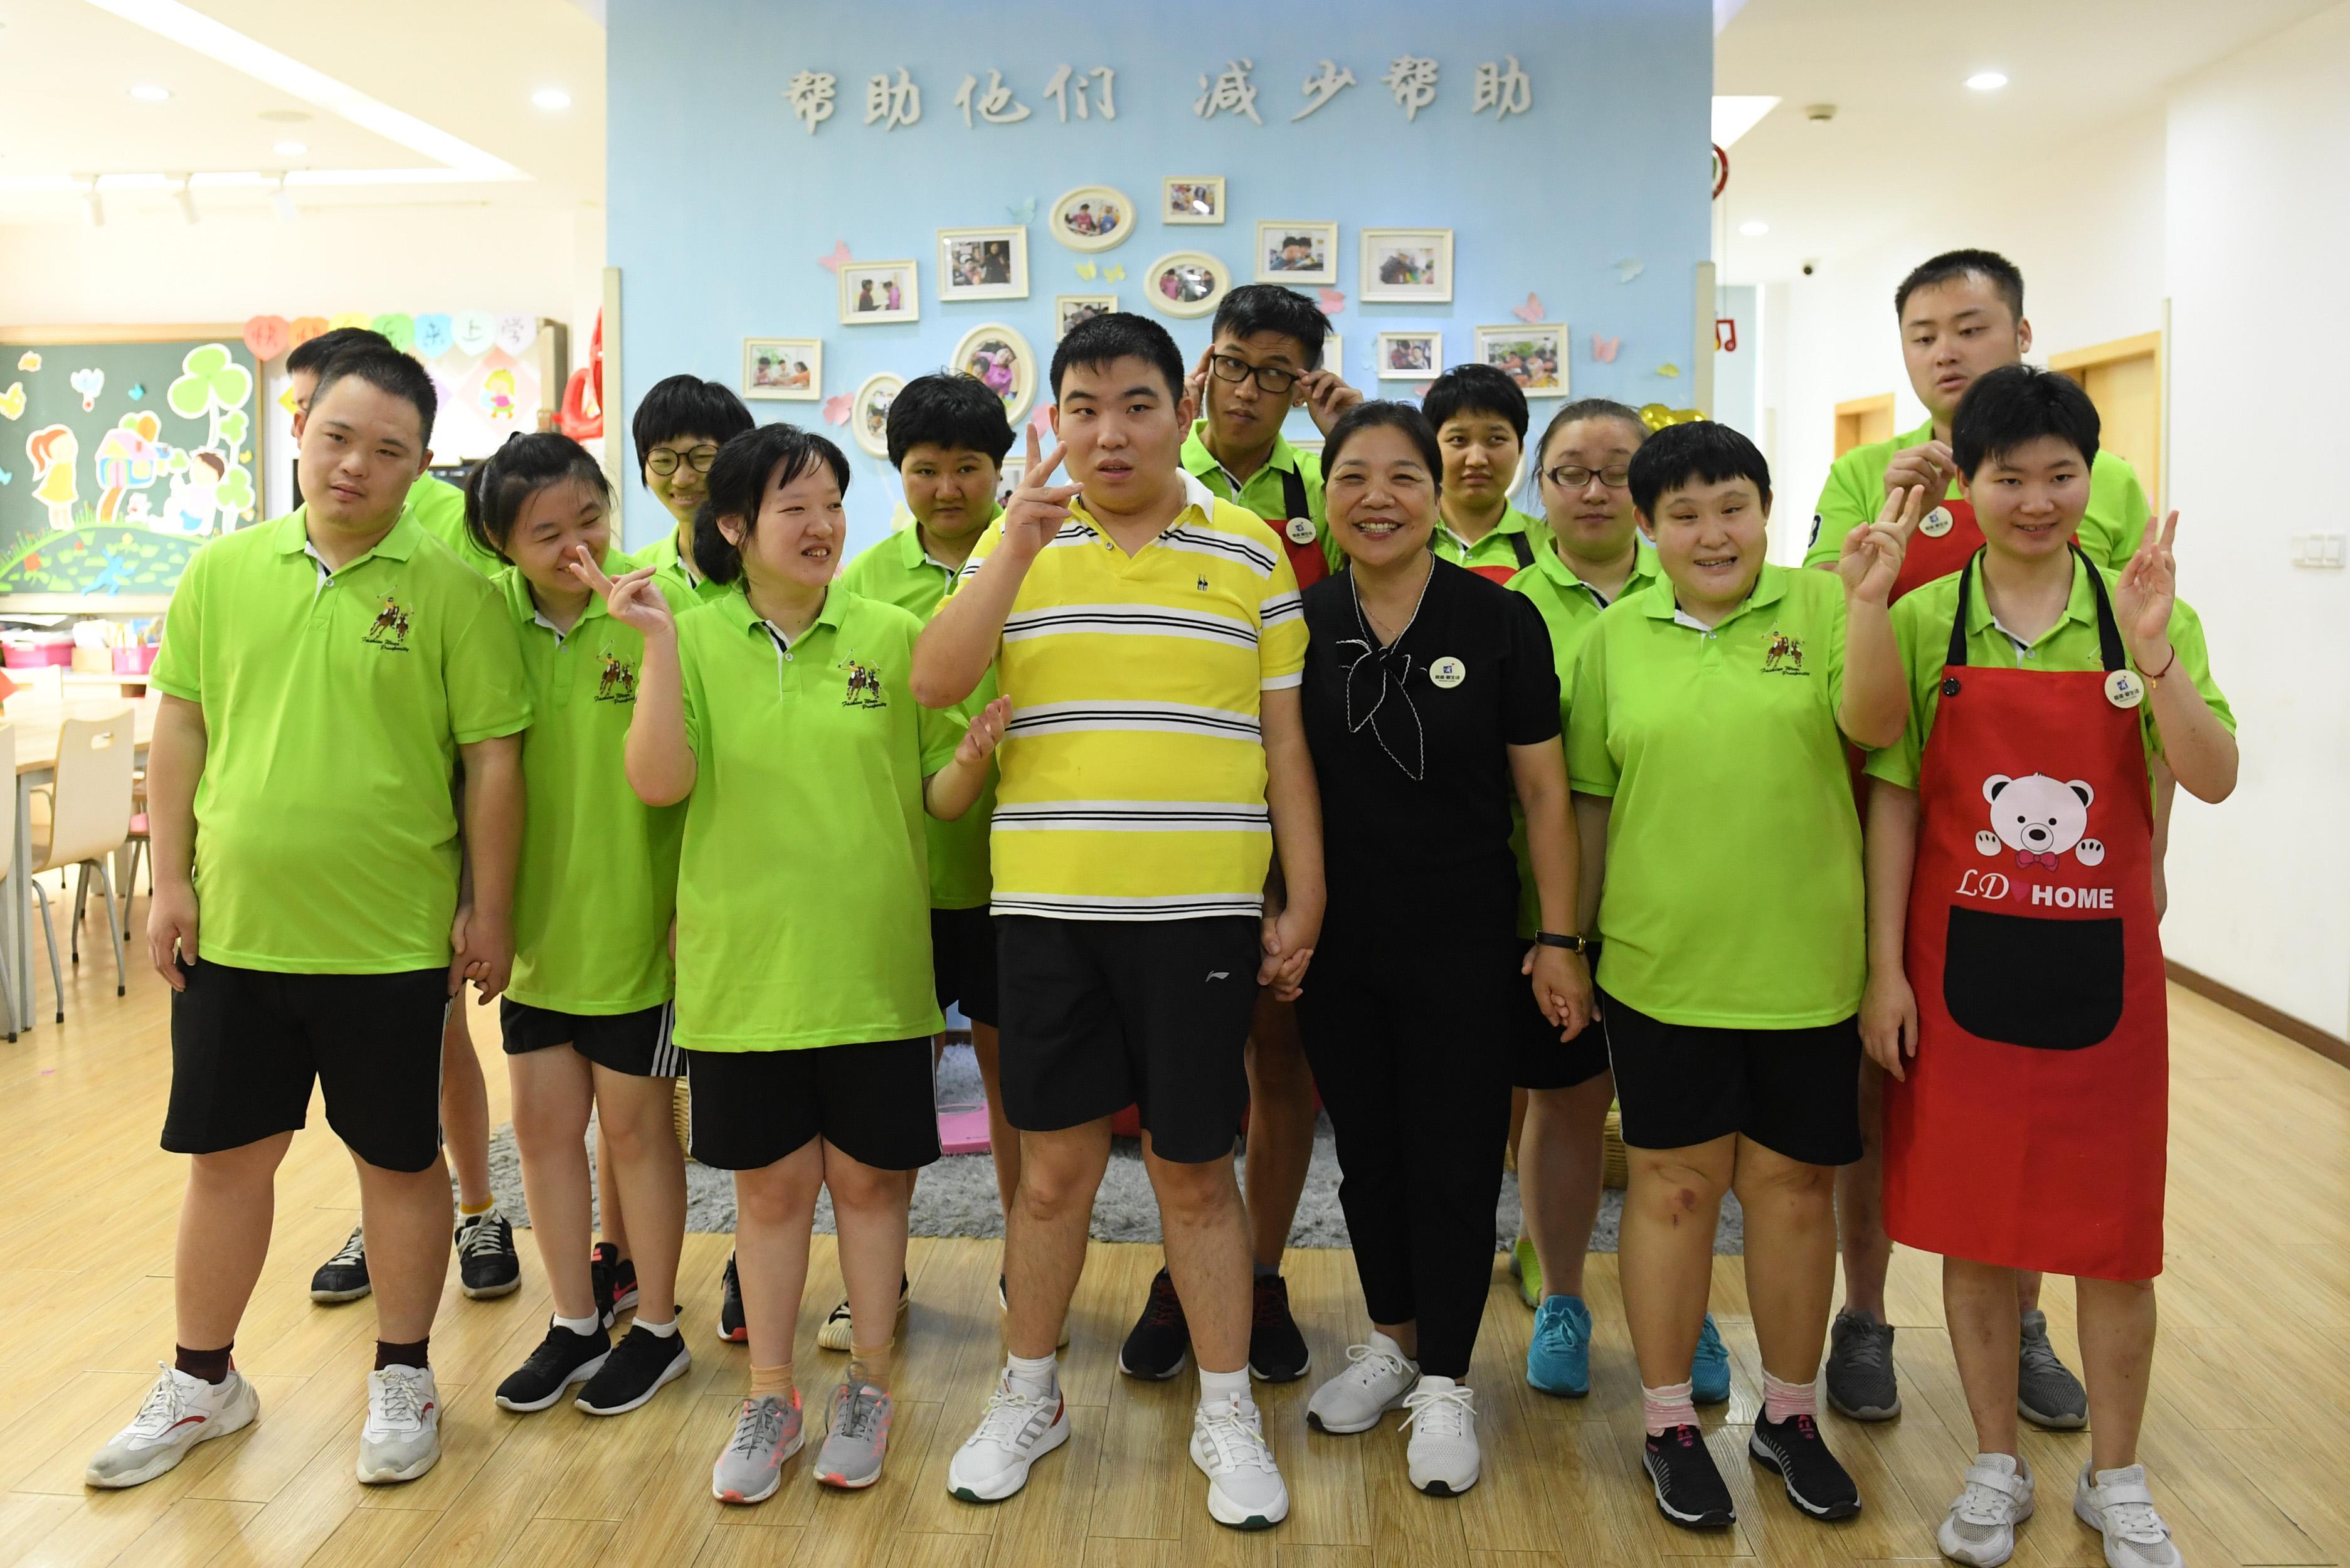 中国の慈善団体、7169団体に コロナ対策でも役割発揮